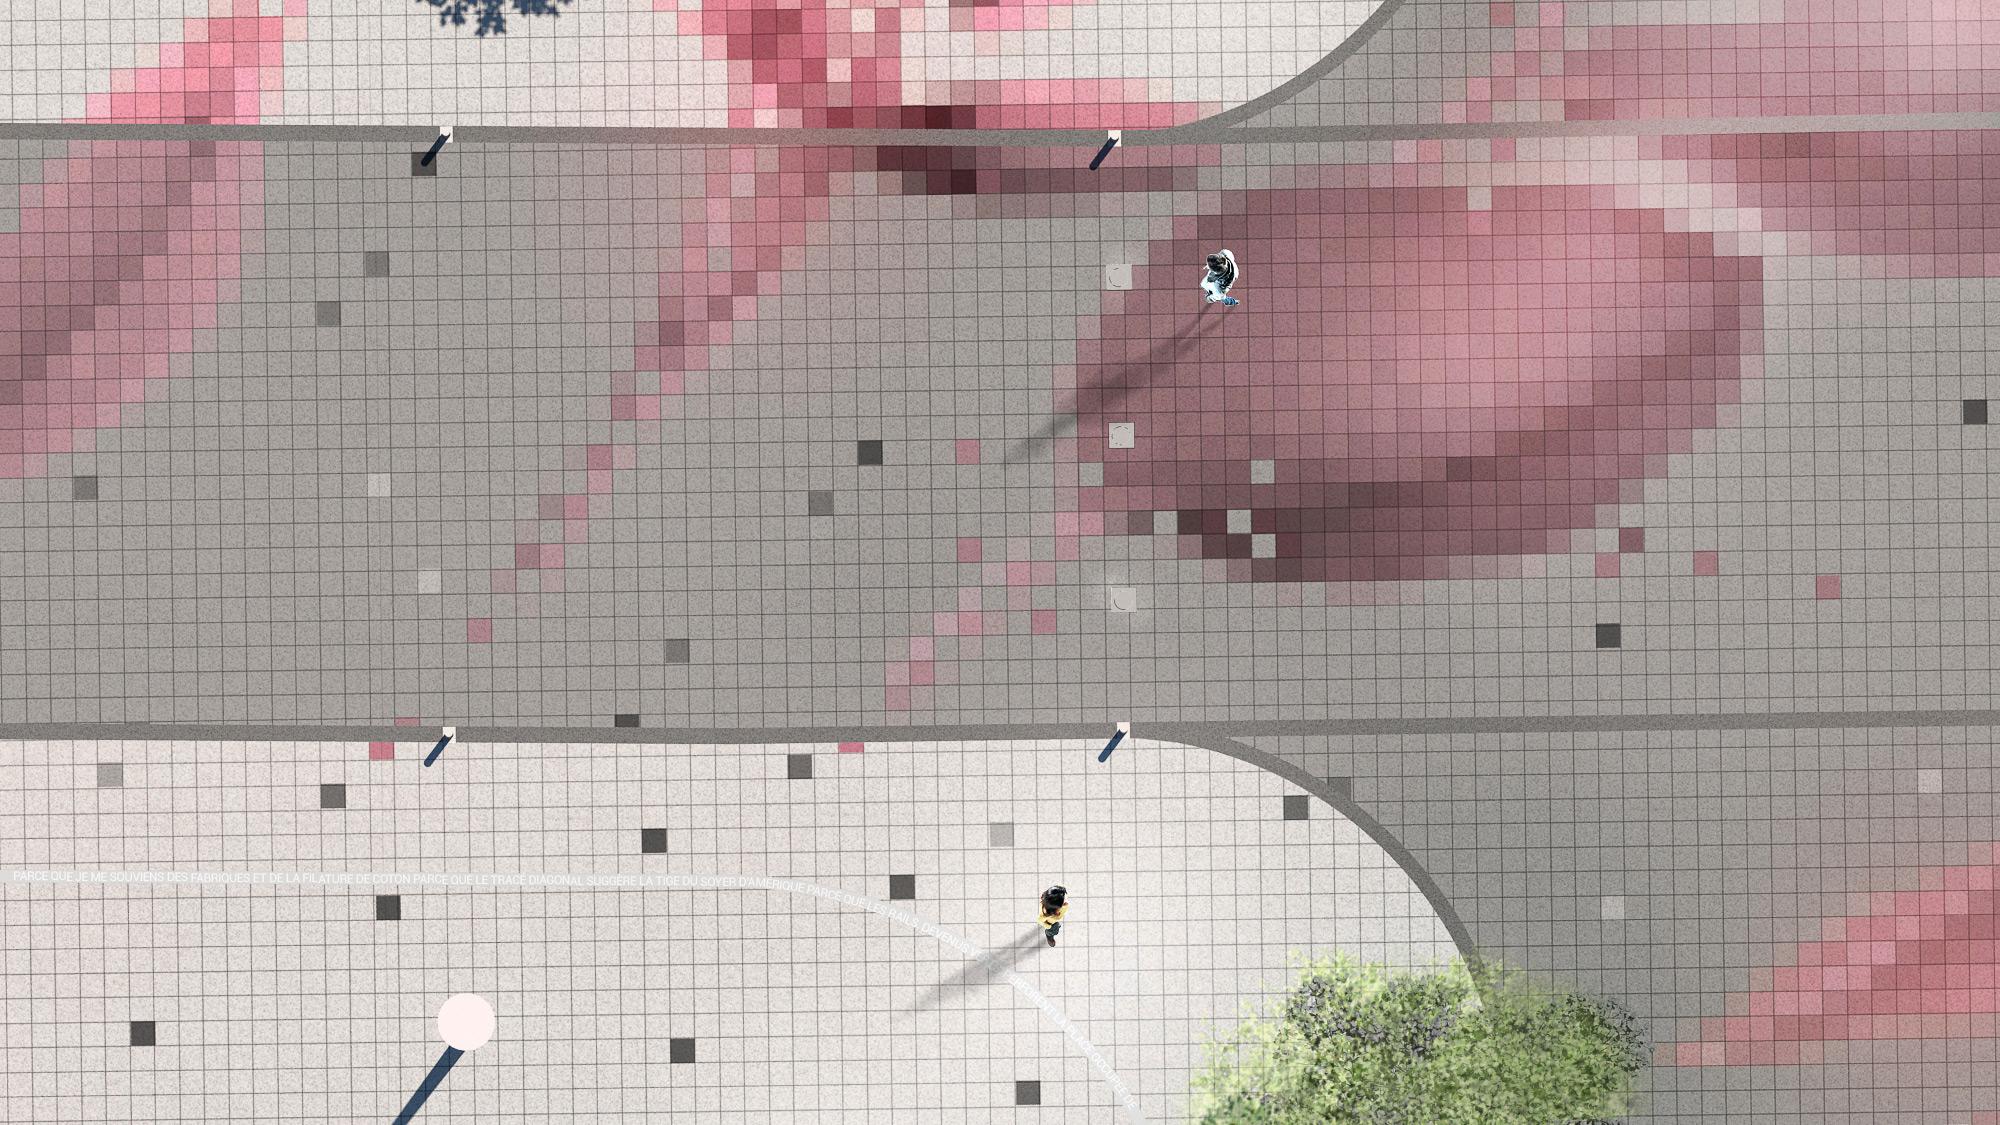 design montréal, concours, Simon Valois, Grande Simone, mousse architecture de paysage, collectif escargo, karyna st-pierre, pierre-yves diehl, julie parenteau, carolyn kelly-dorais, gravitaire génie civil, Lightfactor, chantal bergeron, asclépiade